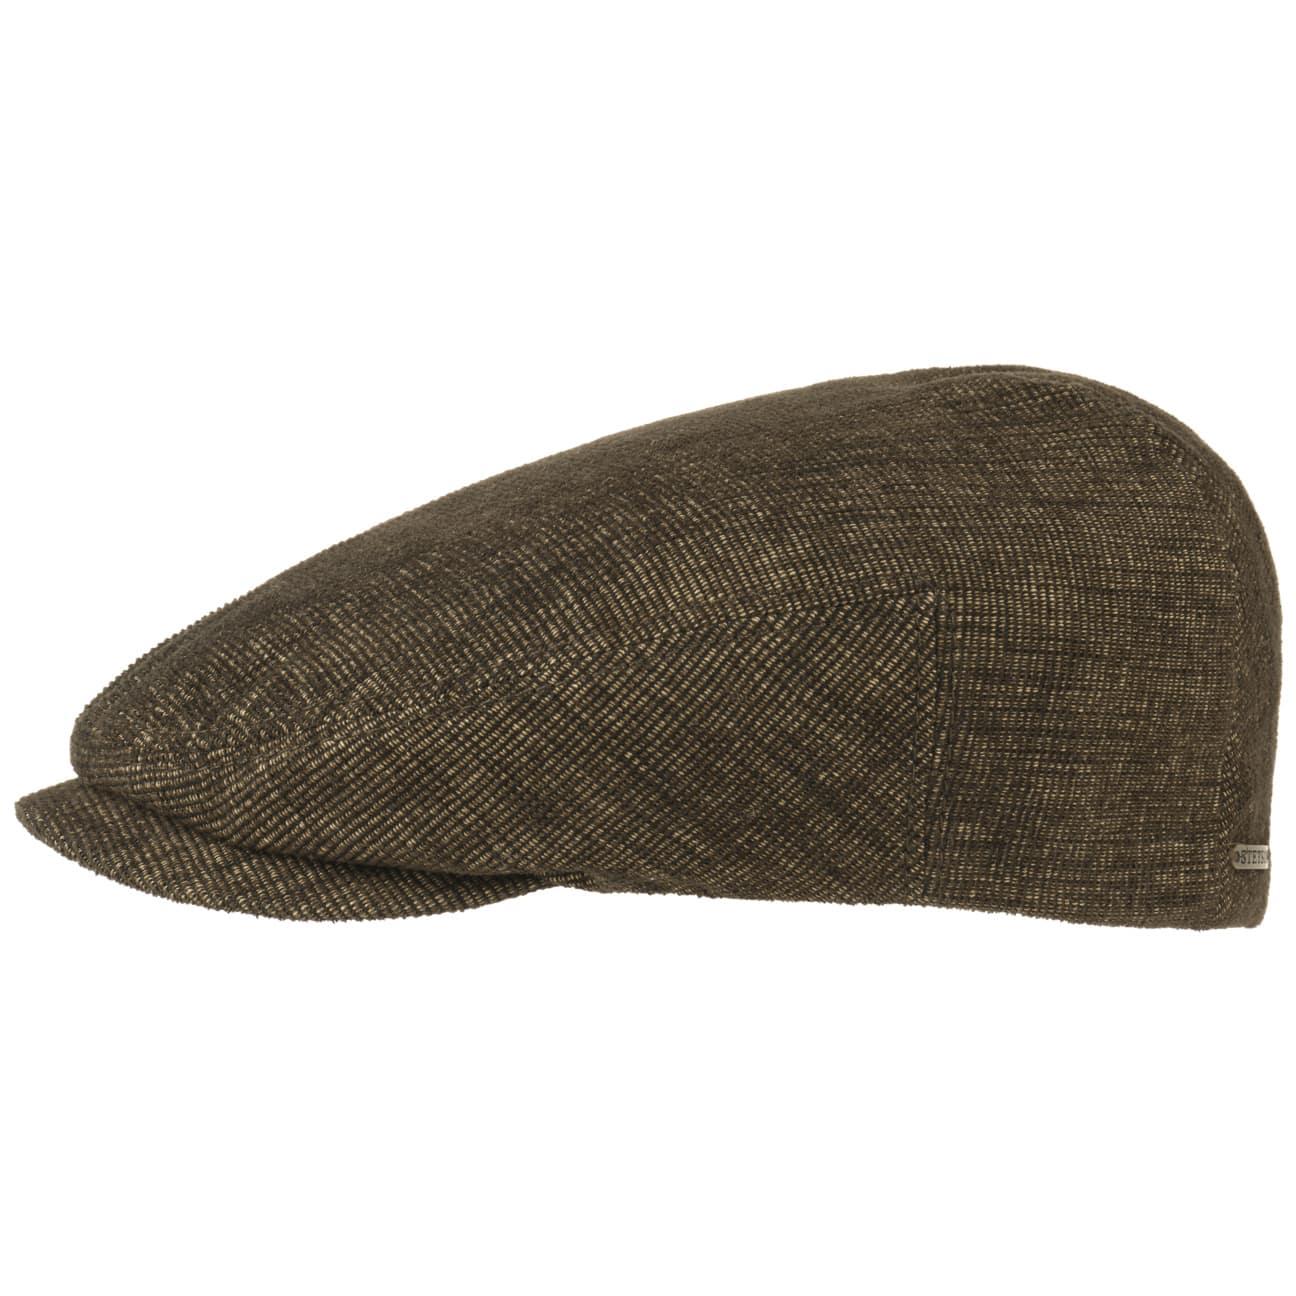 ivy-corduroy-flatcap-by-stetson-schirmmutze